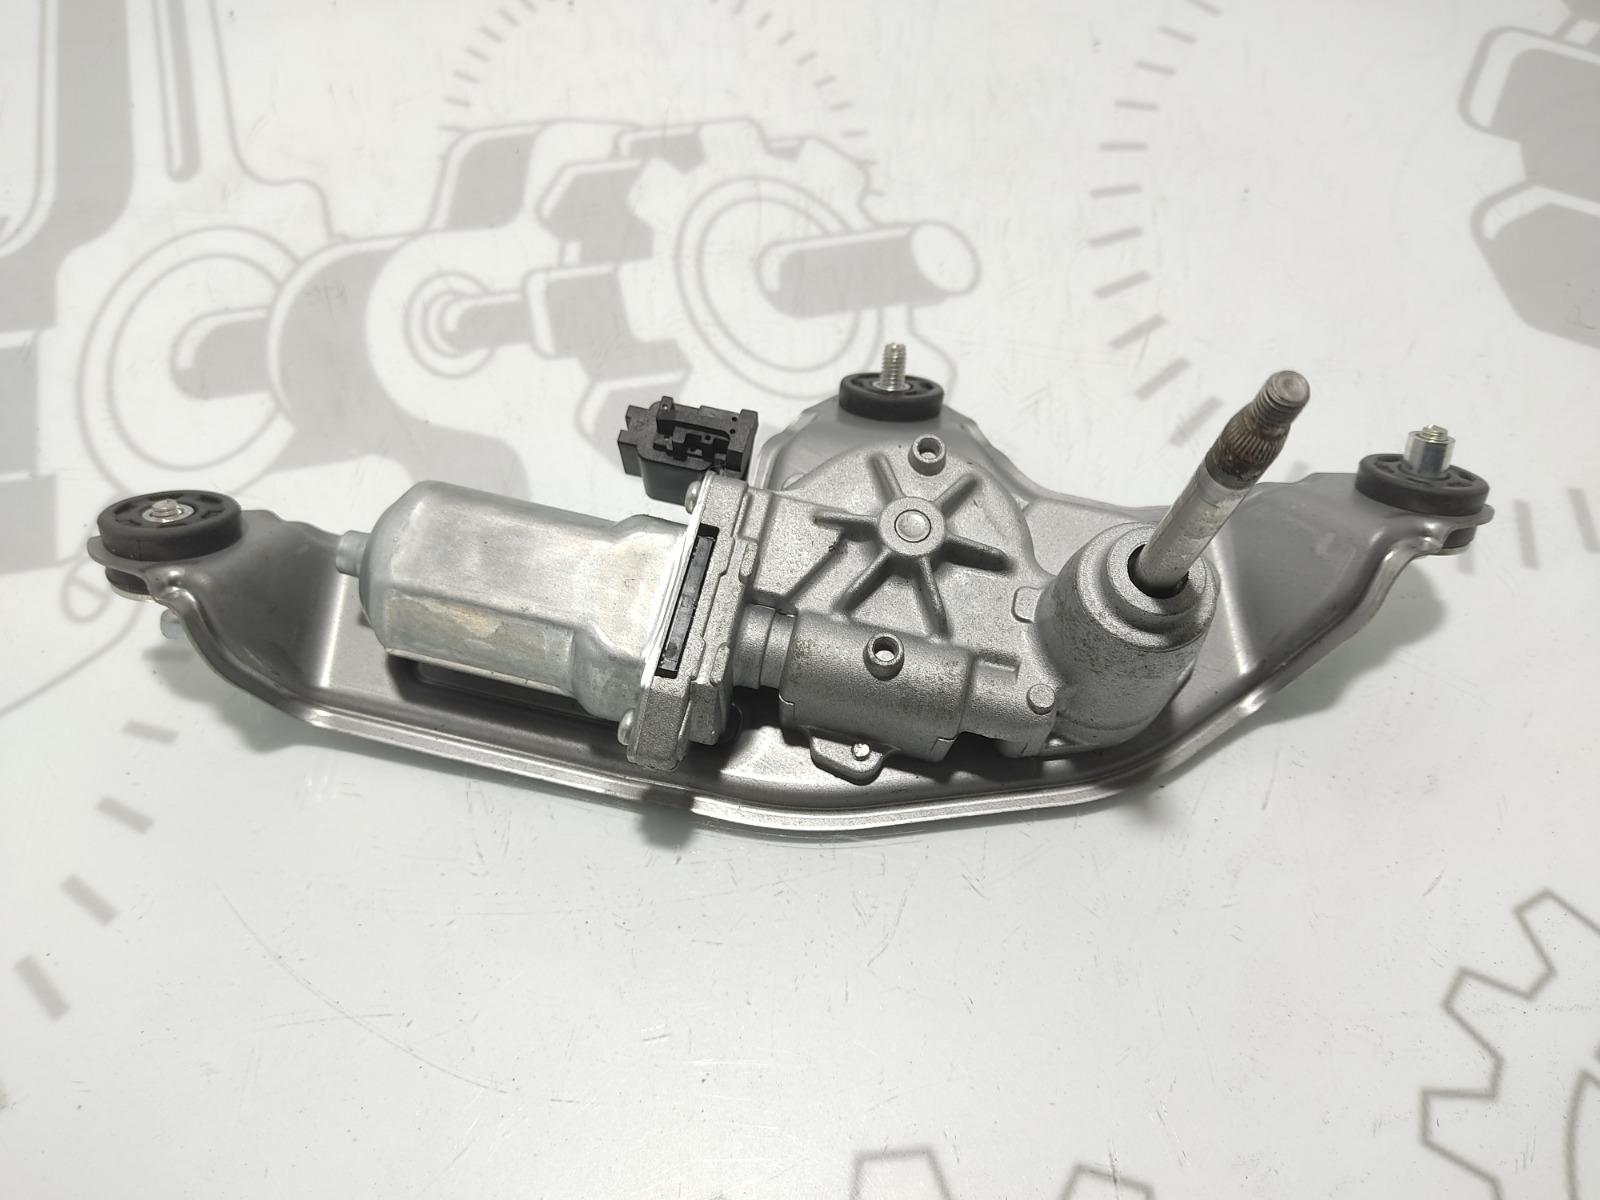 Моторчик заднего стеклоочистителя (дворника) Mazda 3 BL 1.6 I 2009 (б/у)